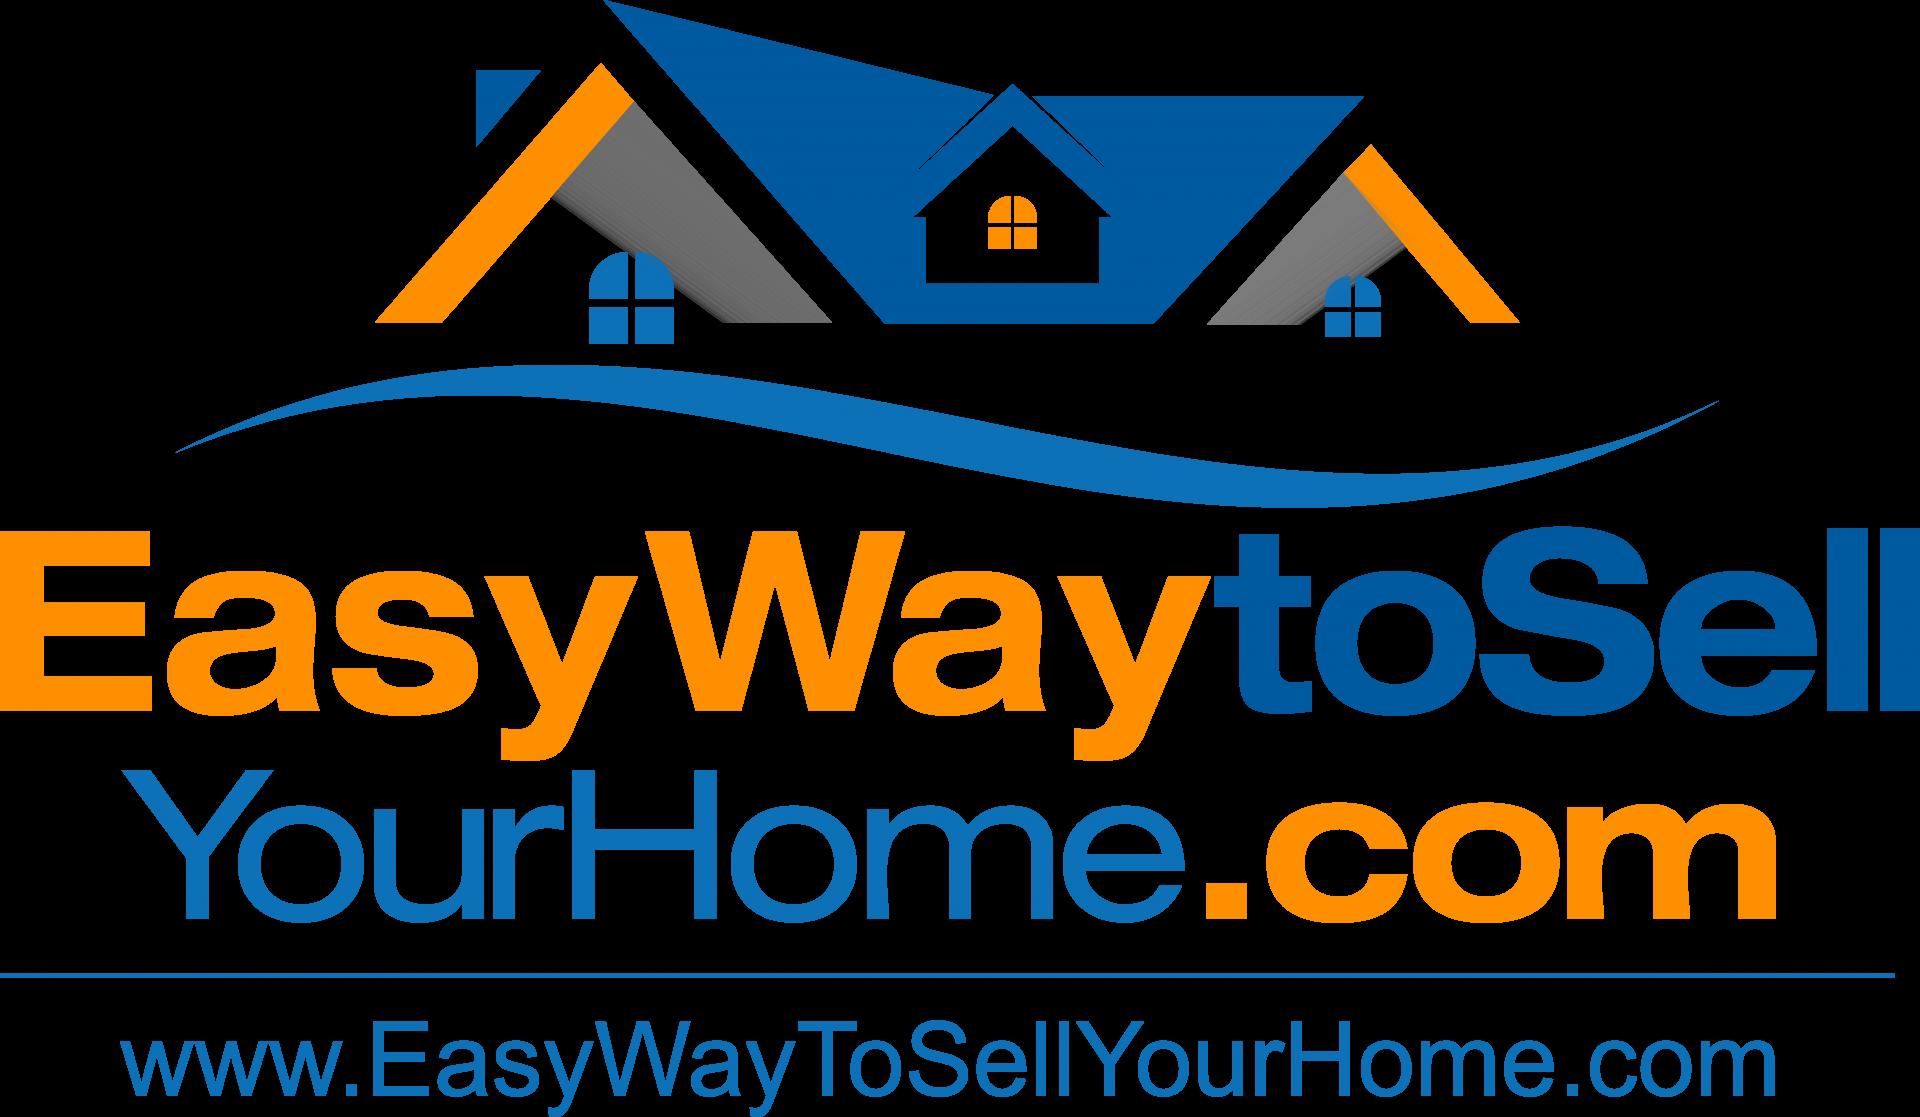 EasyWayToSellYourHome.com logo